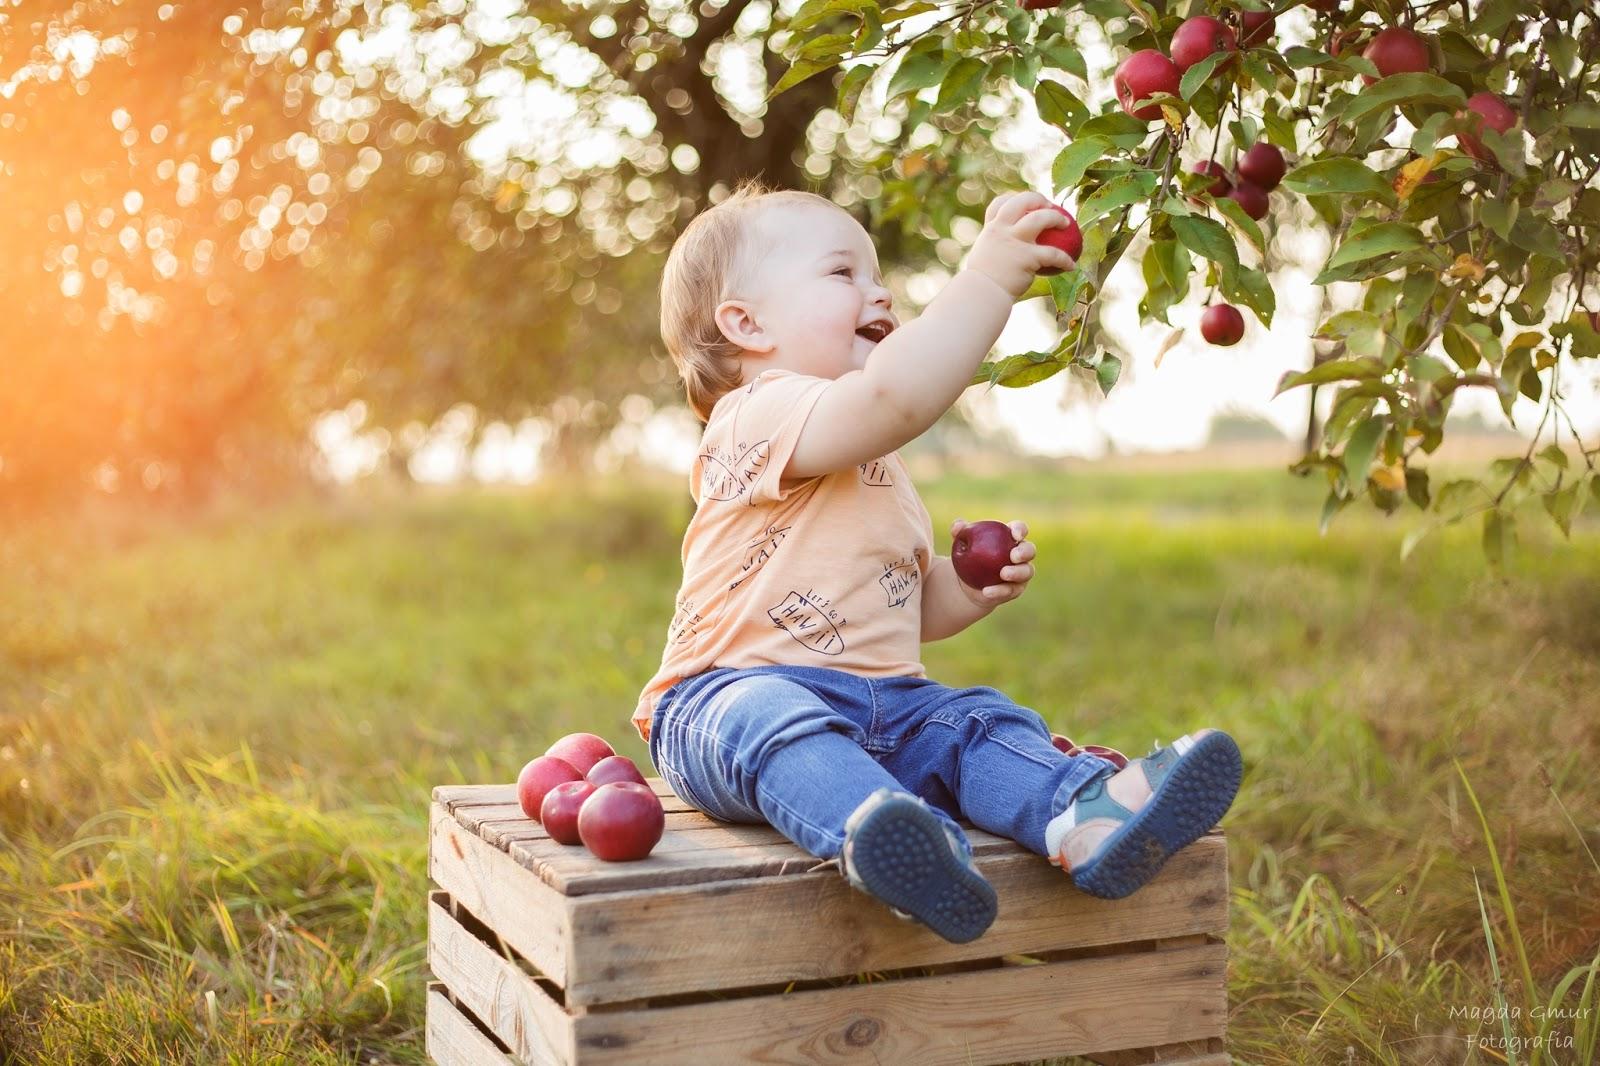 sesja w sadzie, sesja dziecięca opoczno, fotograf opoczno, magda gmur foto